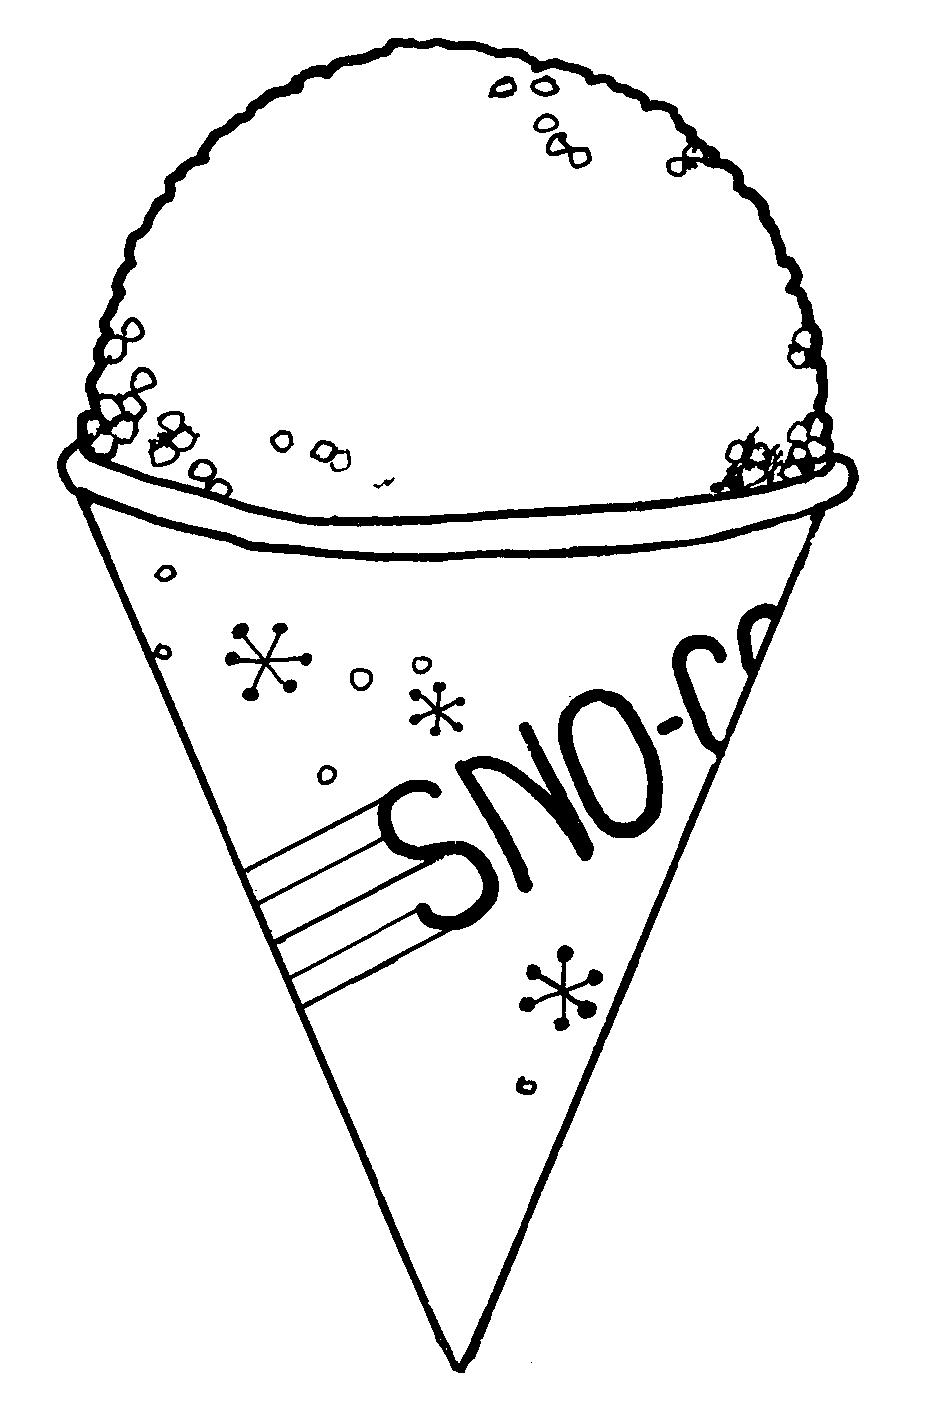 Download Snow Cone Clipart. Cg_snocone .-Download Snow Cone Clipart. cg_snocone .-4